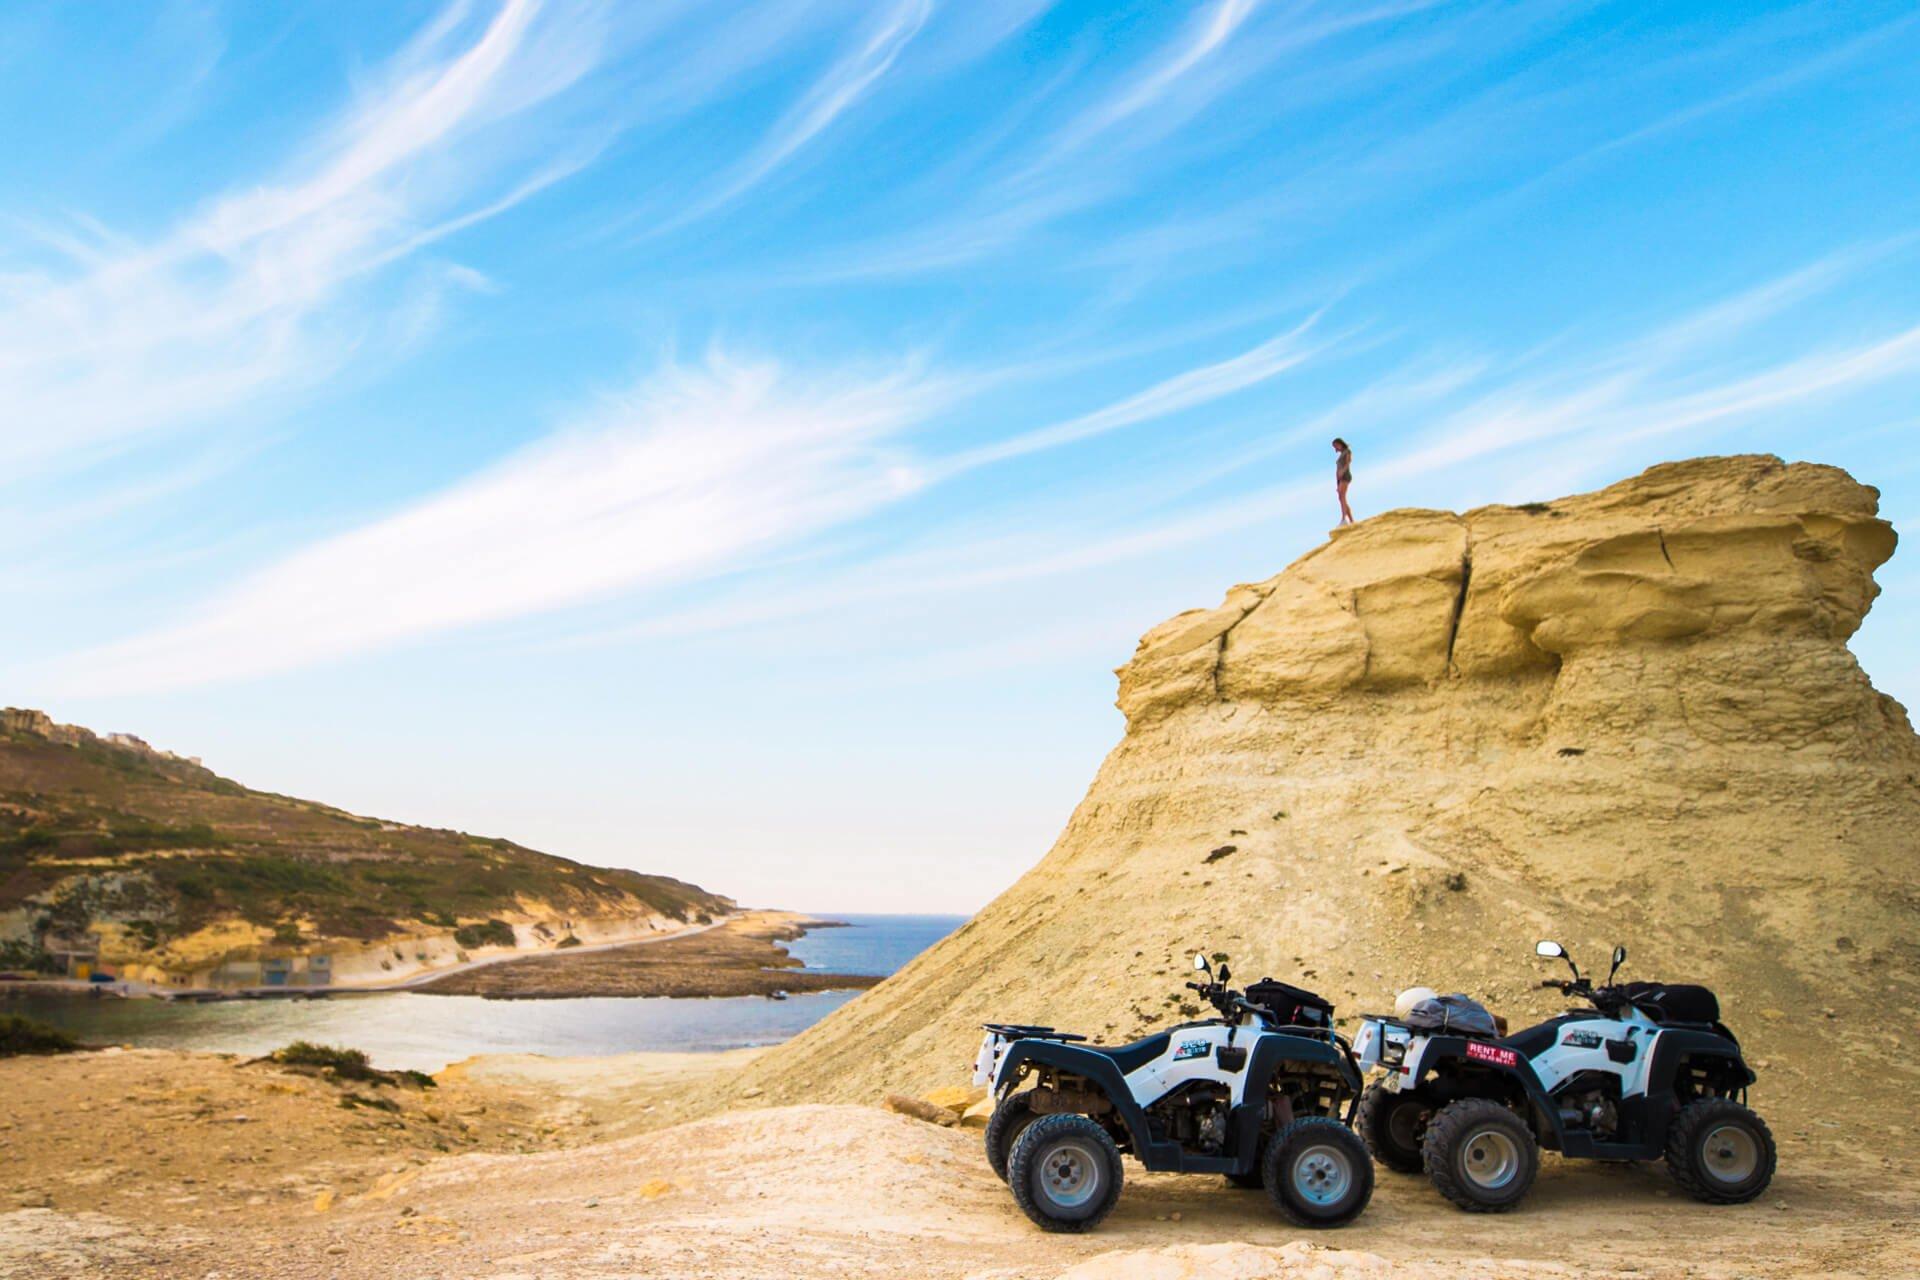 Quad biking in Gozo